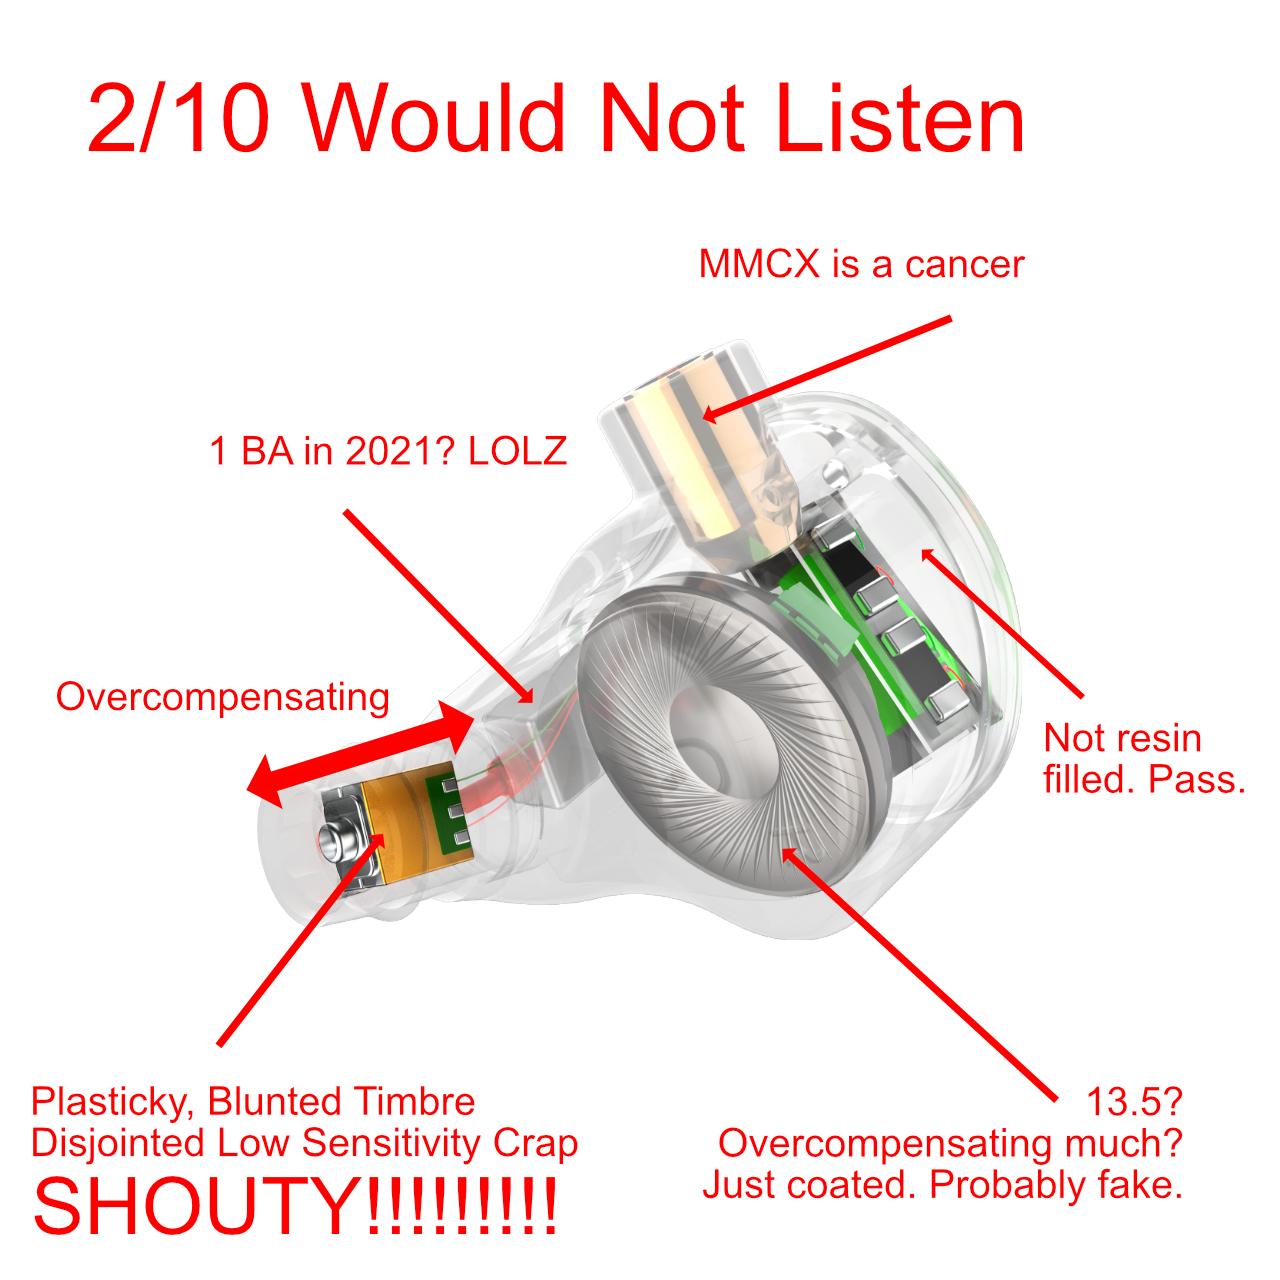 EST112_Would_Not_Listen.png